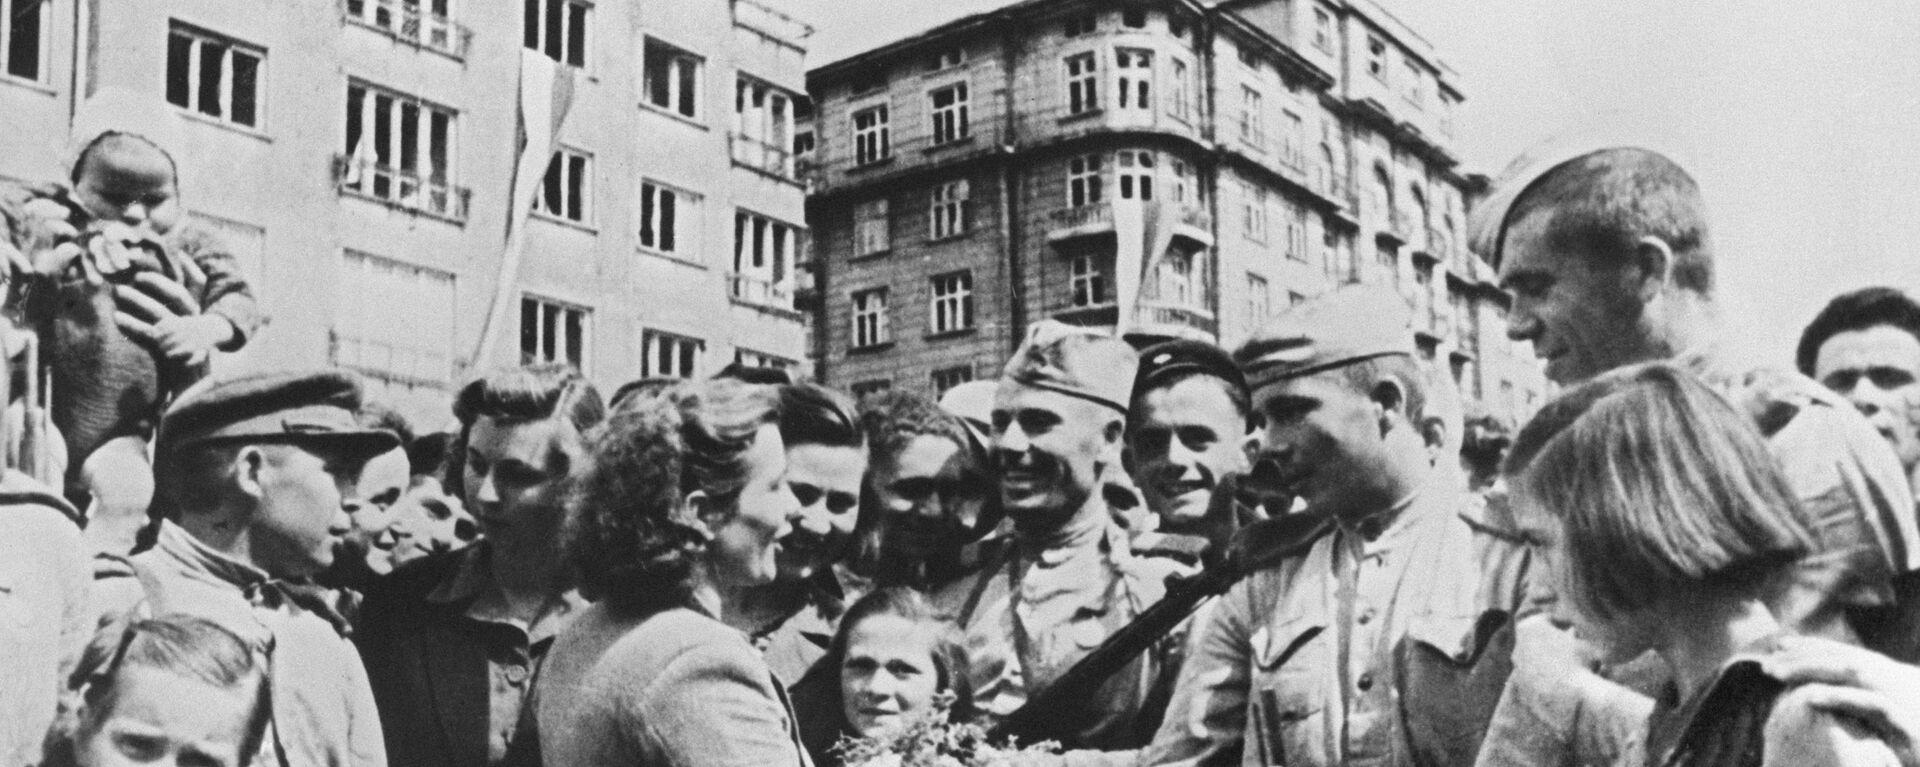 Stanovnici bugarske Sofije pozdravljaju borce Crvene armije u Drugom svetskom ratu - Sputnik Srbija, 1920, 12.05.2020